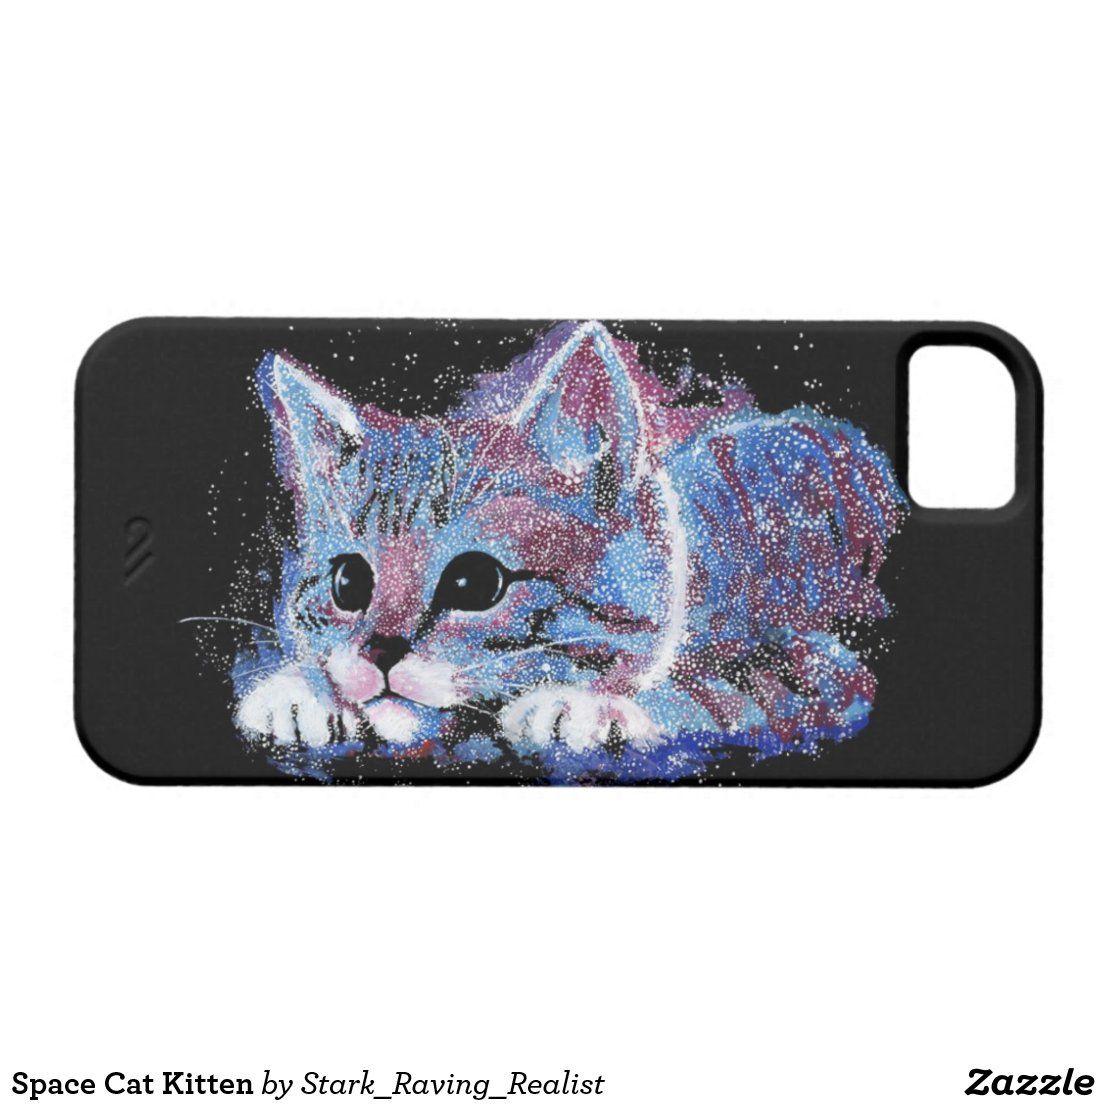 Space Cat Kitten Case Mate Iphone Case Zazzle Com In 2020 Space Cat Cats And Kittens Iphone Cases